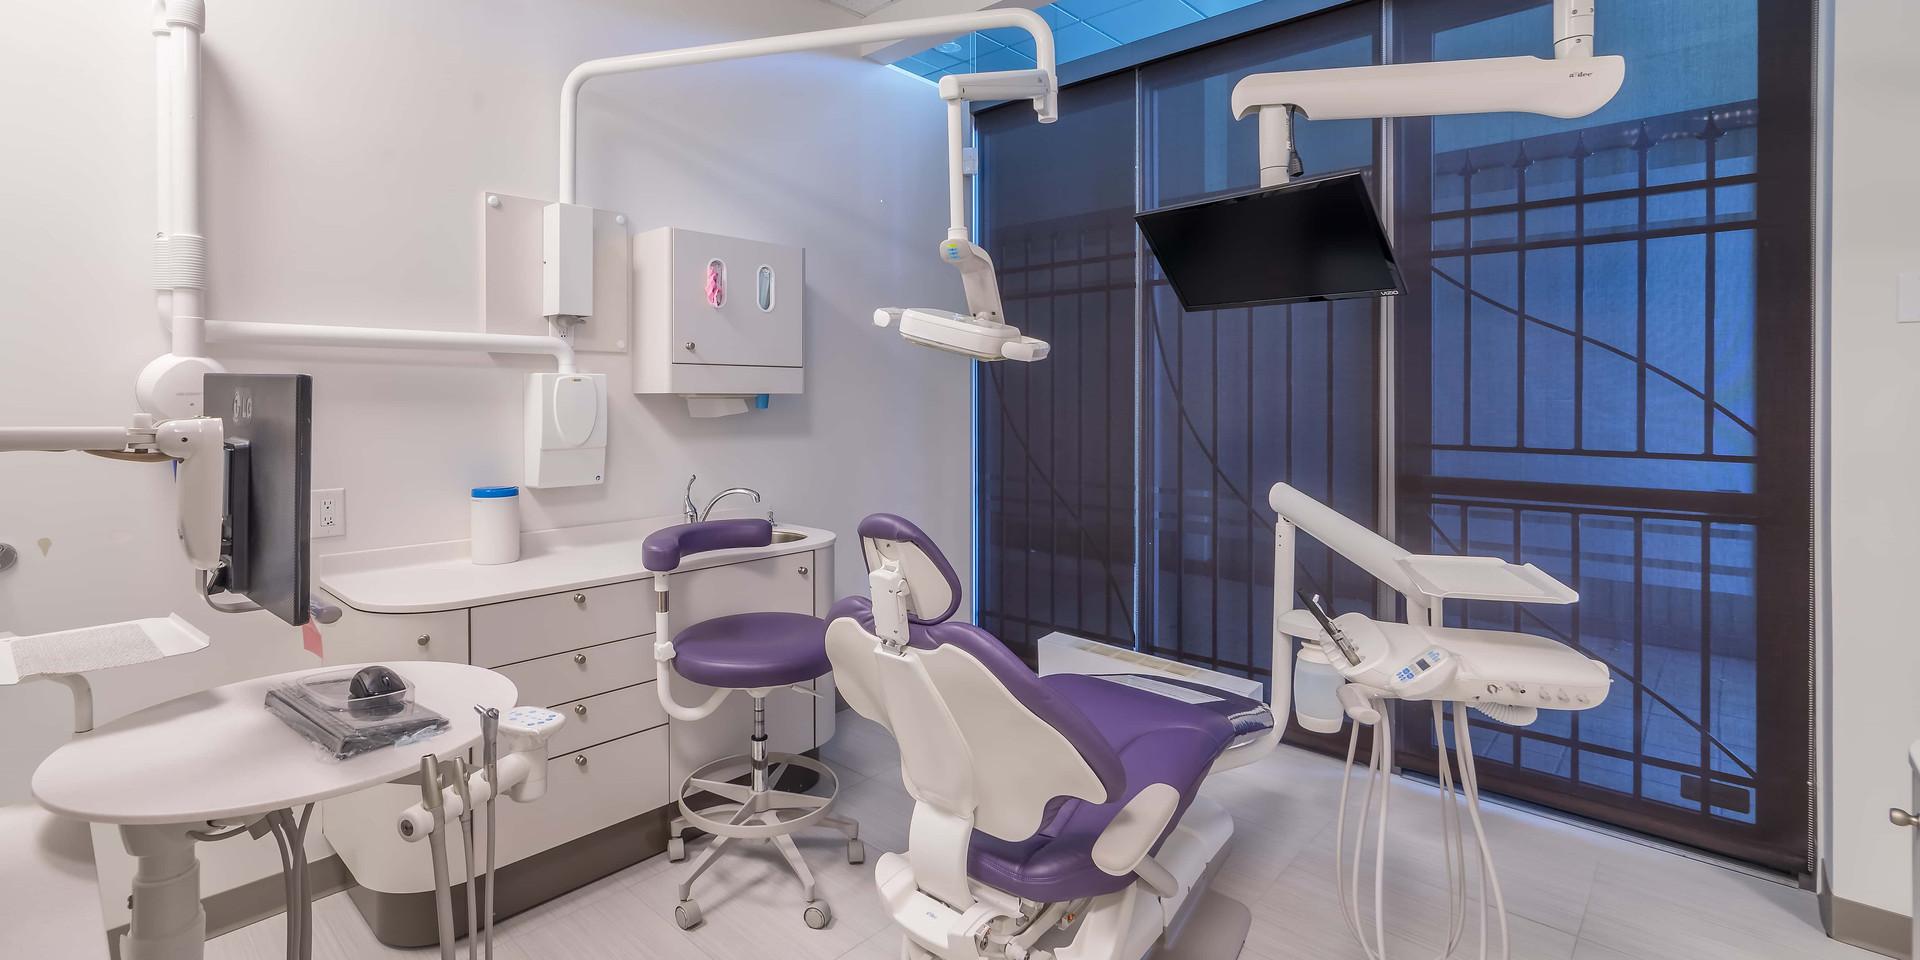 Operation Room 1.jpg